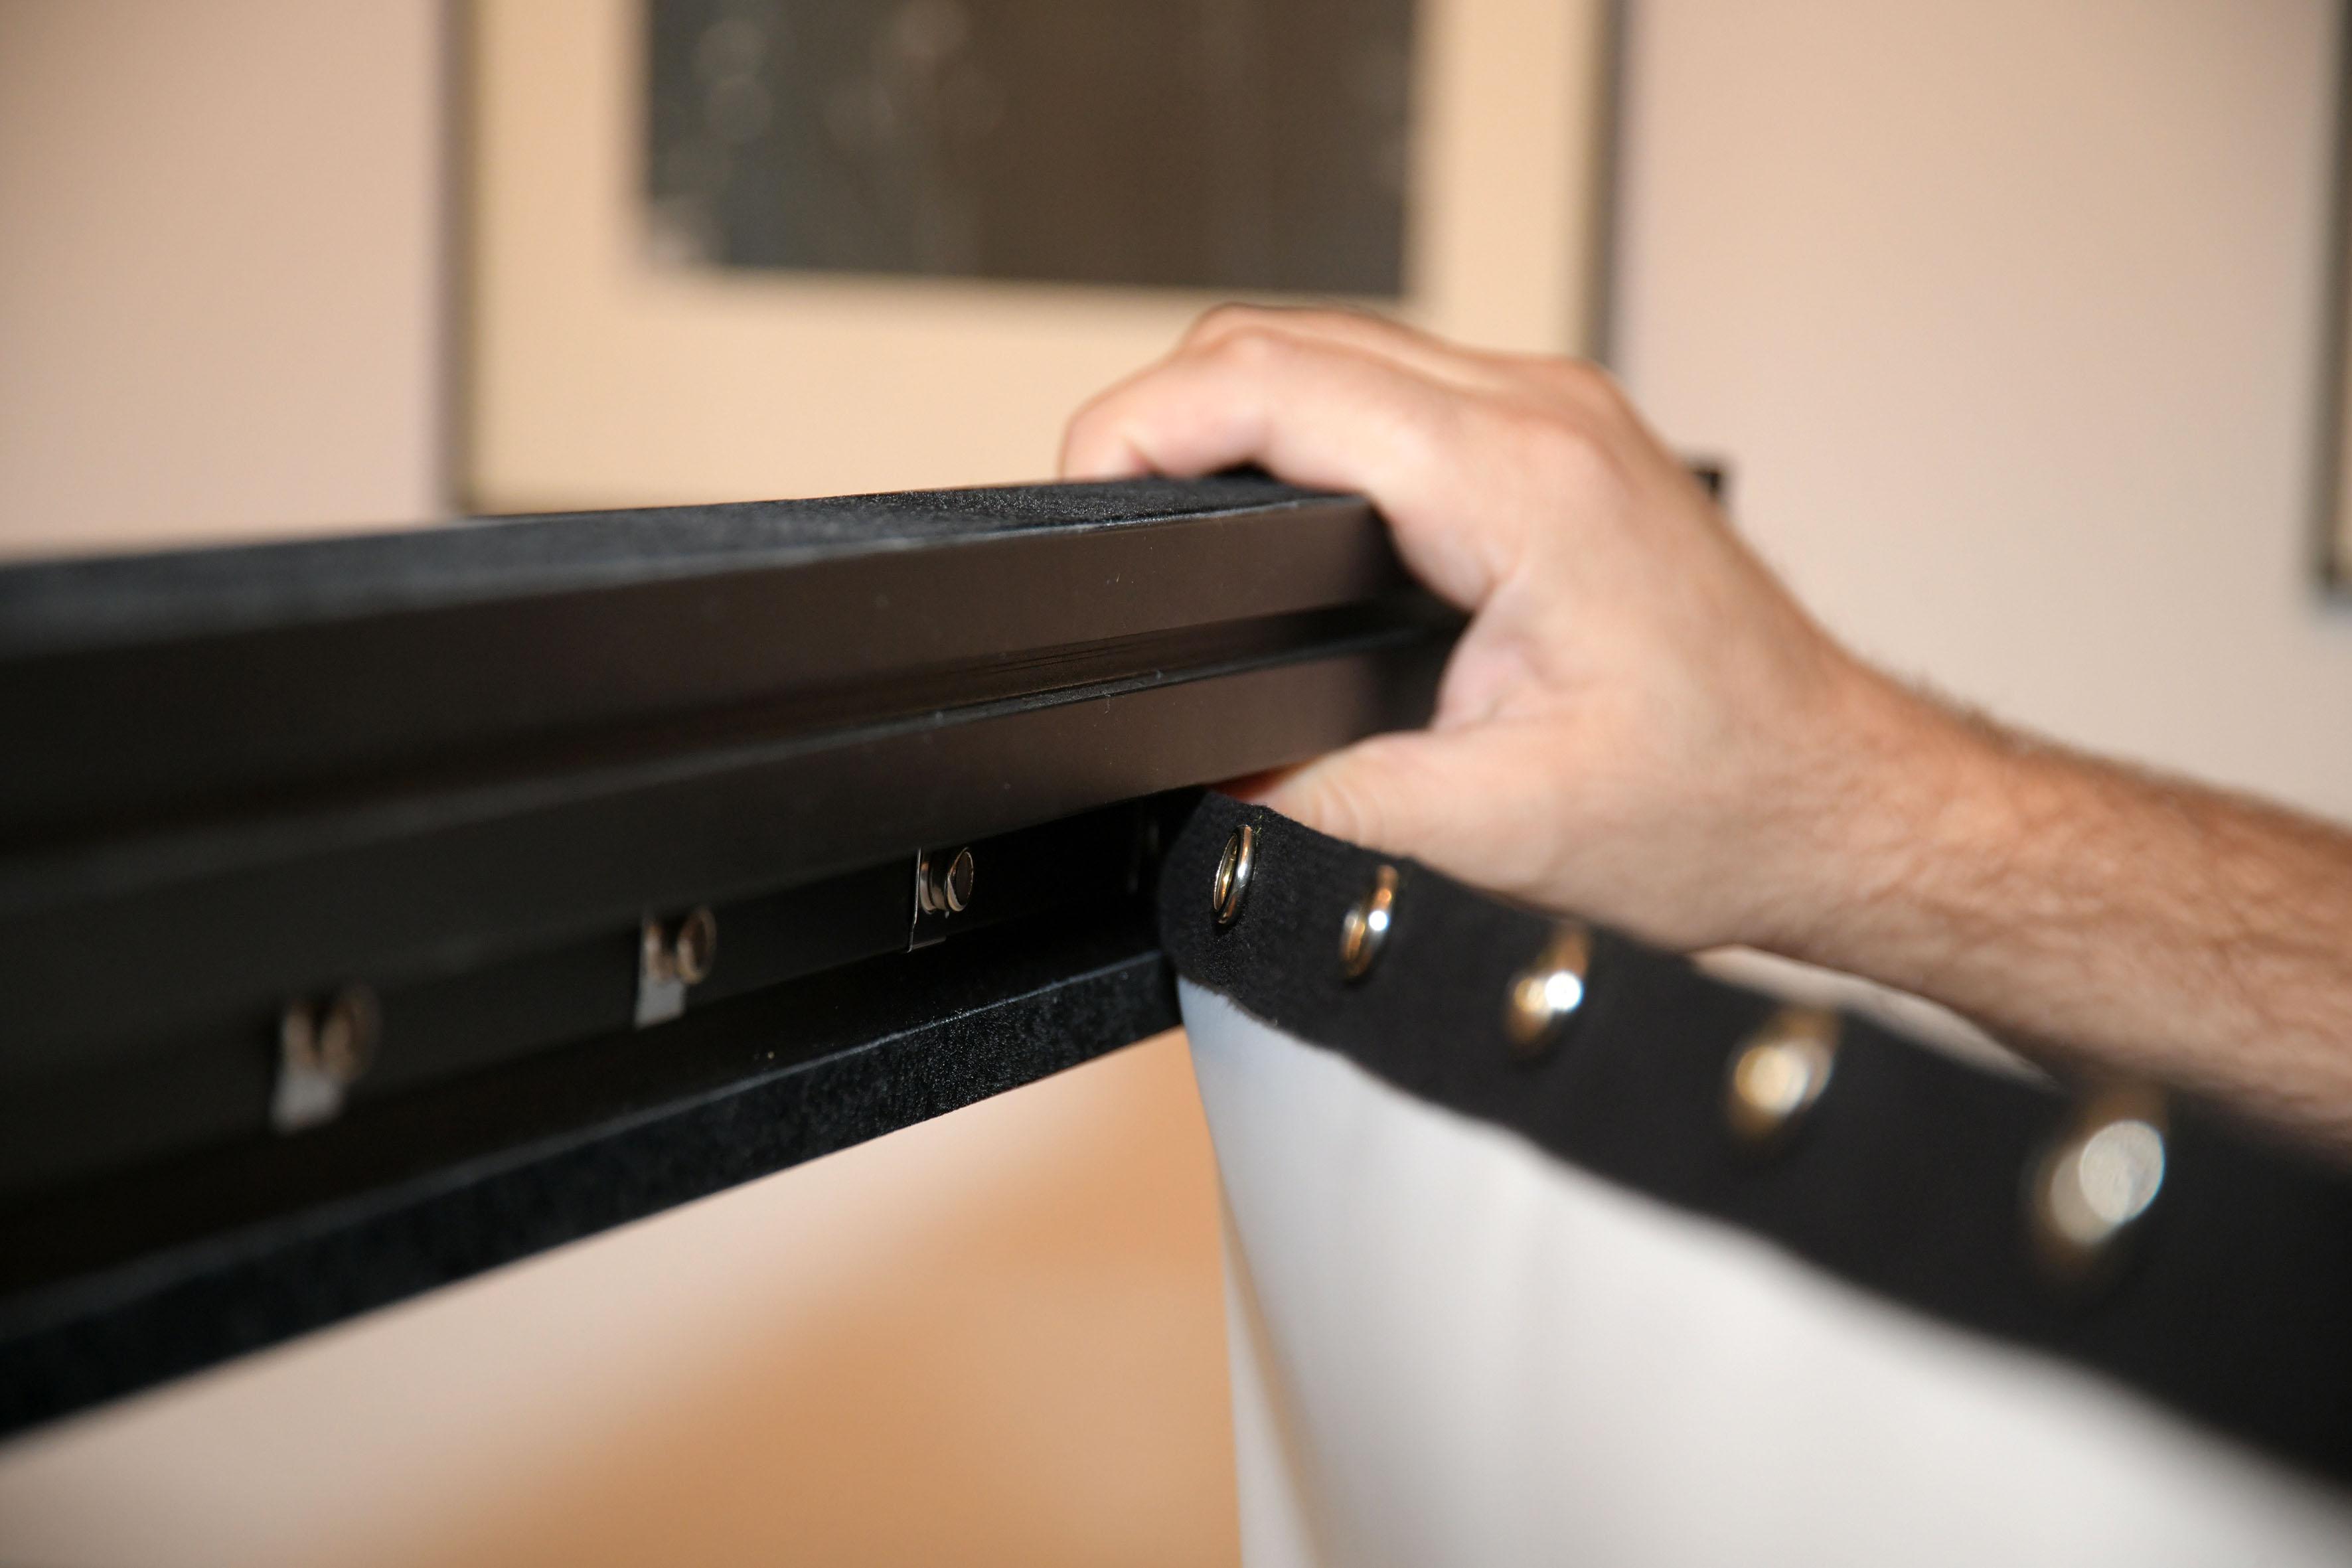 Foto: Michael B. Rehders Nun wird das Tuch Knopf für Knopf an den Rahmen befestigt. Zu meiner Überraschung gelingt spielend einfach. Obendrein ist das Tuch perfekt gespannt, obwohl die Demoleinwand bereits mehrere Dutzend Male auf- und abgebaut worden ist. Es gibt nicht eine einzige Welle. Das Tuch ist spiegelglatt gespannt. Bravo!